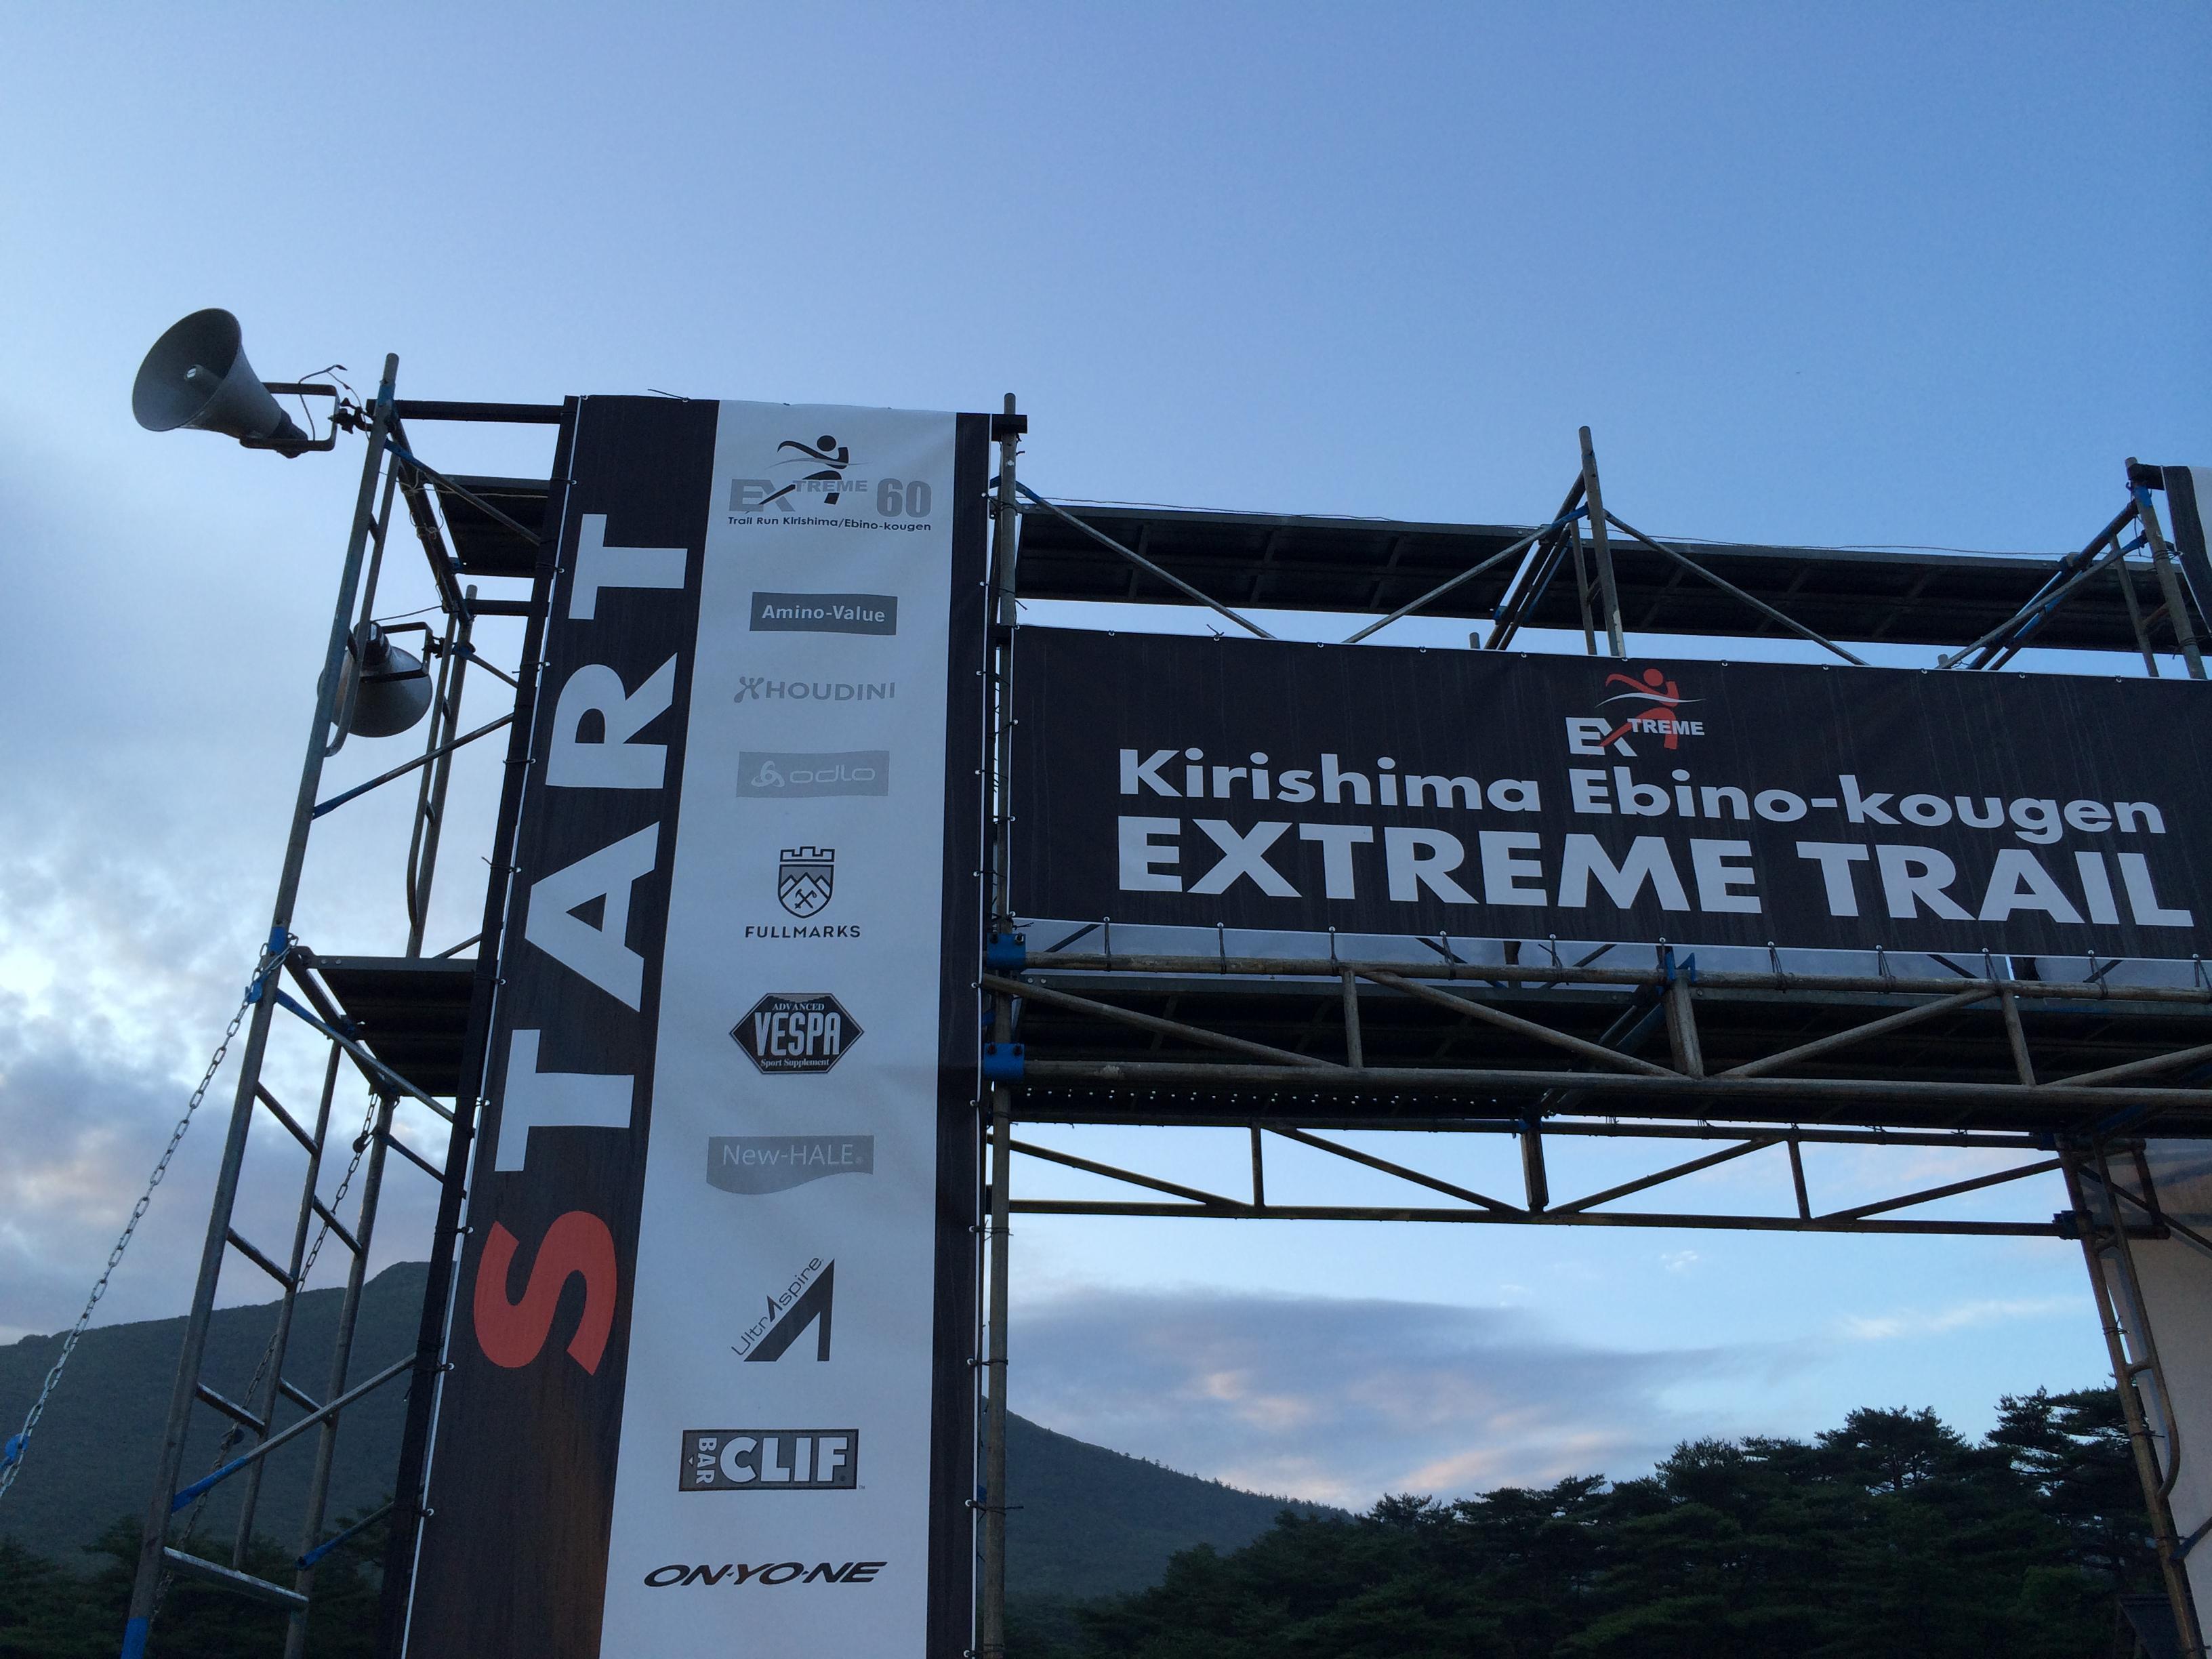 第3回霧島・えびの高原エクストリームトレイル開催決定。今年は走るよ60km